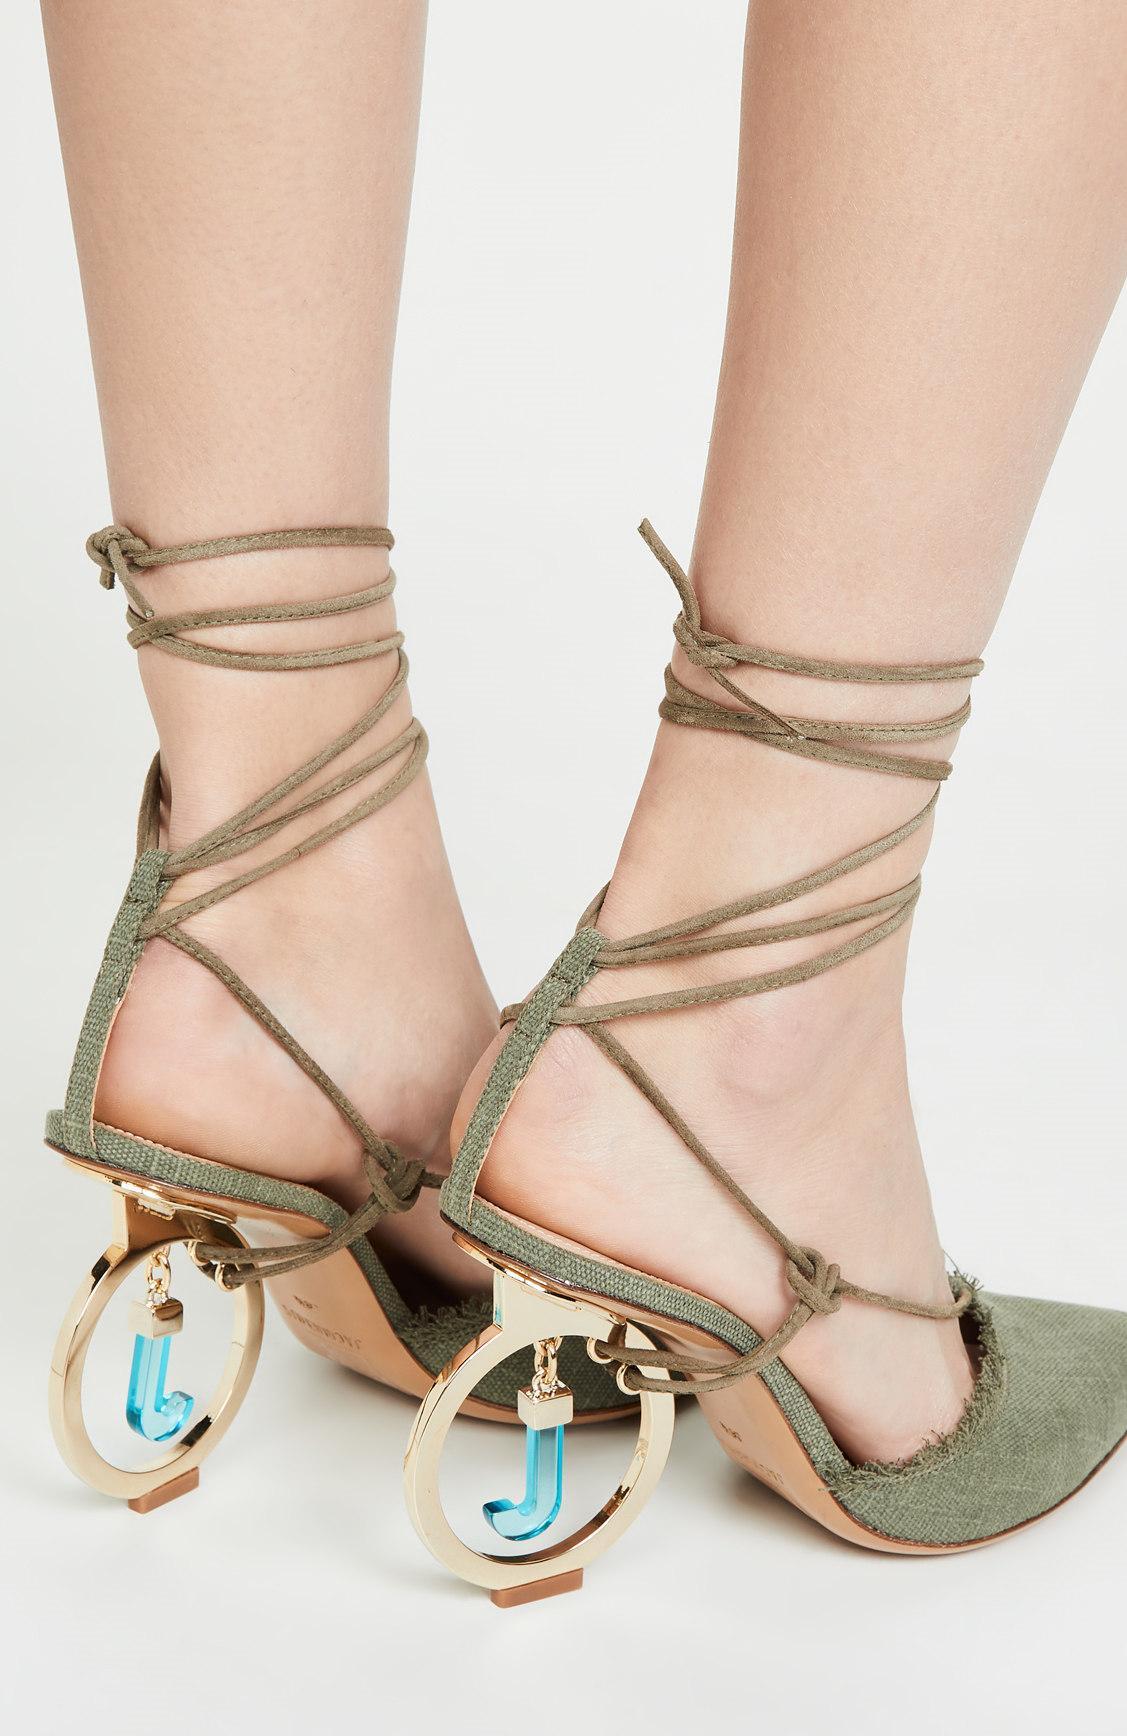 Luz verde lona superior mulheres Sandálias Sapato de bico fino com tira no tornozelo sapatos caros Chic Pendant J Fretwork estranhas Heels Shoes Mulher Marca